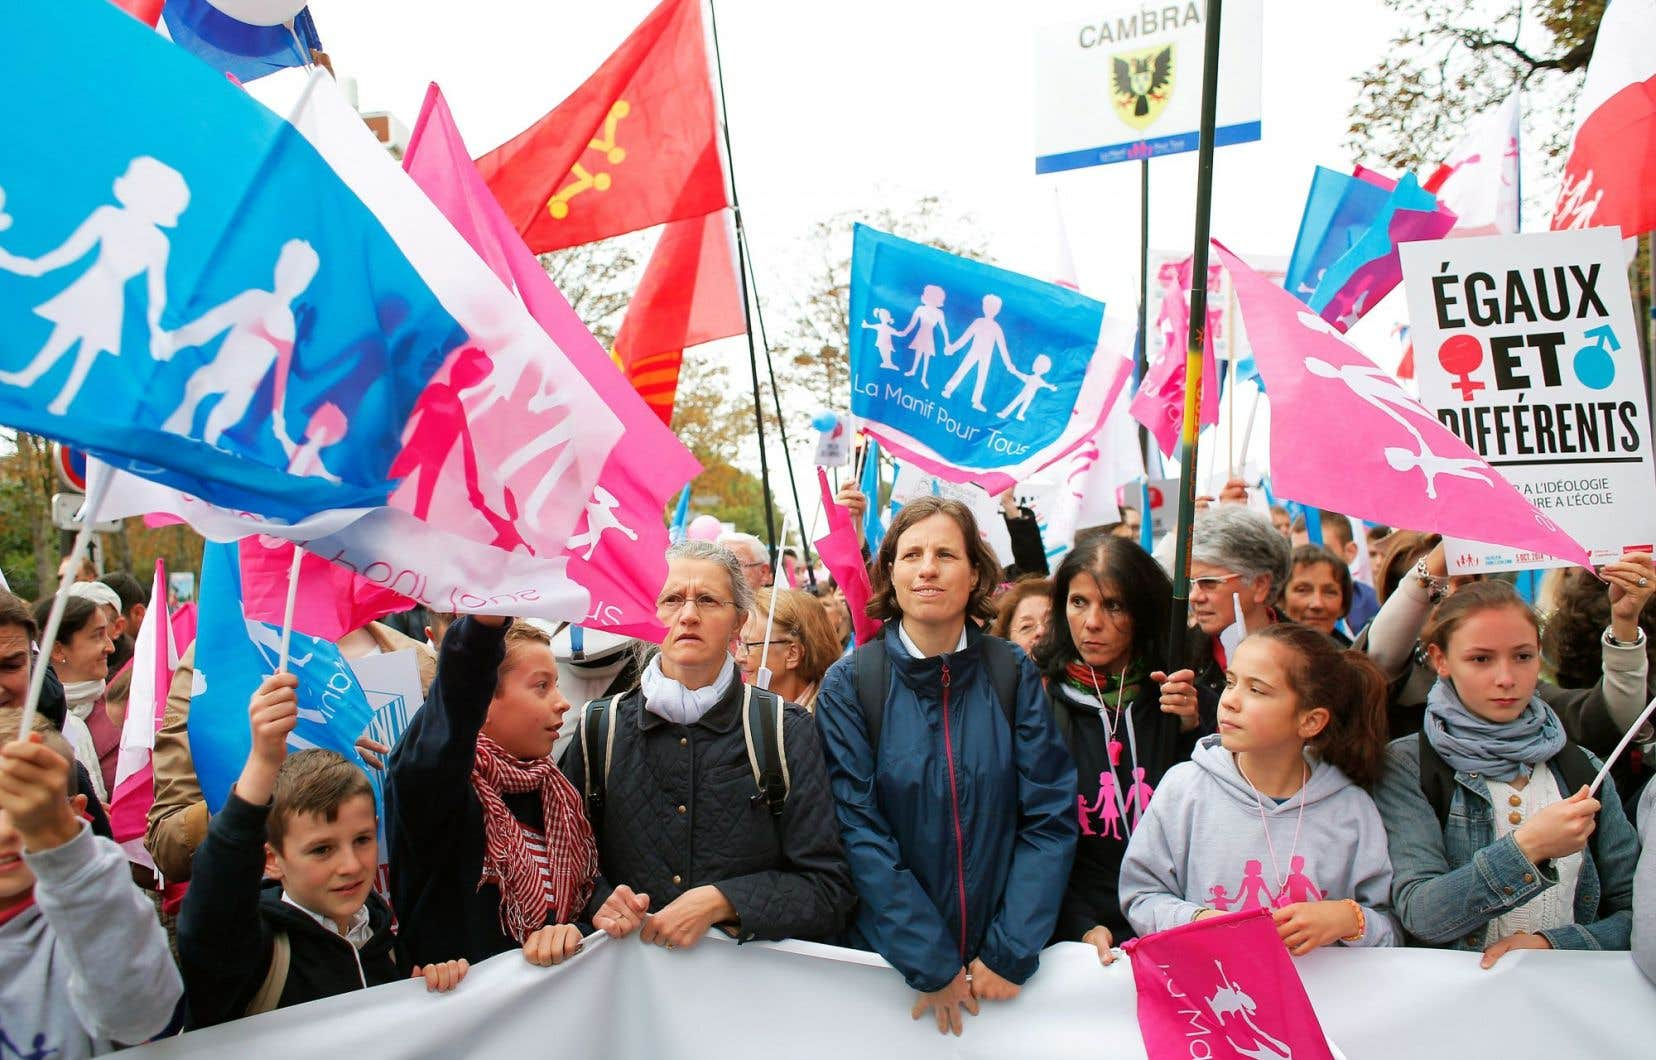 Des participants de la Manif pour tous, opposés à la « gestation pour autrui », dimanche à Paris.